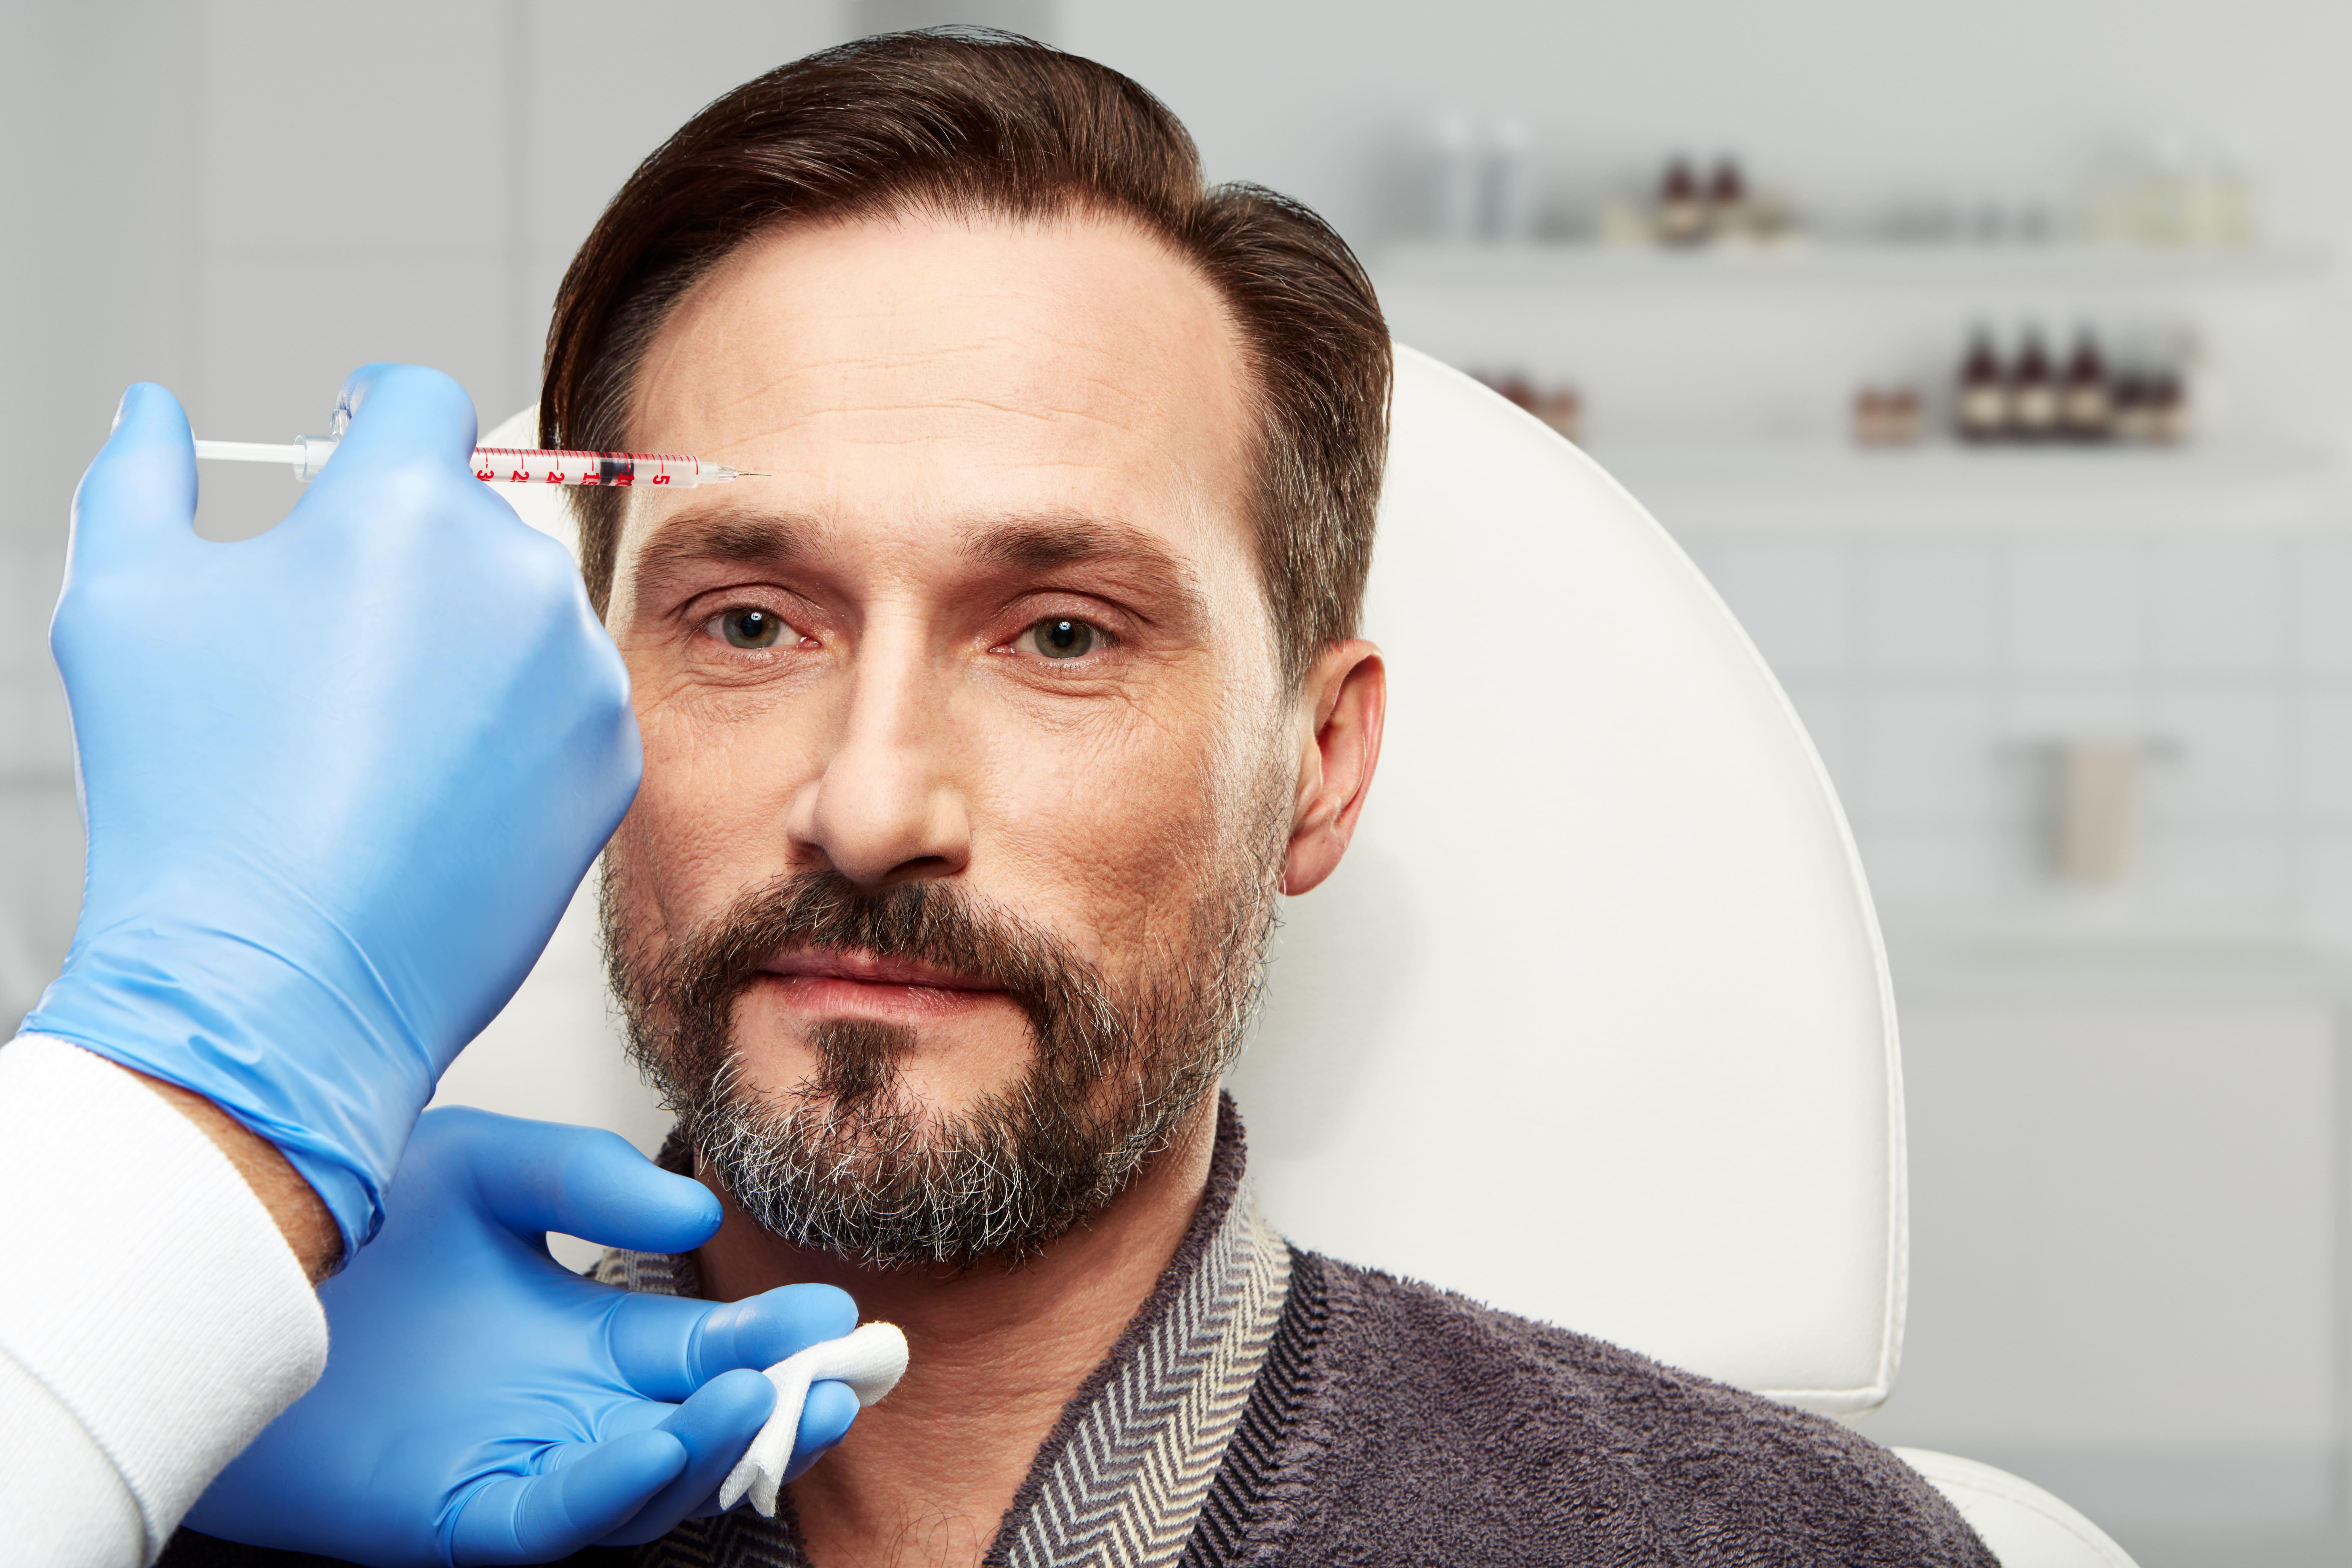 Foto de um homem aplicando botox depois de ver um anúncio de um empreendedor que resolveu abrir um centro estético próximo a sua residência